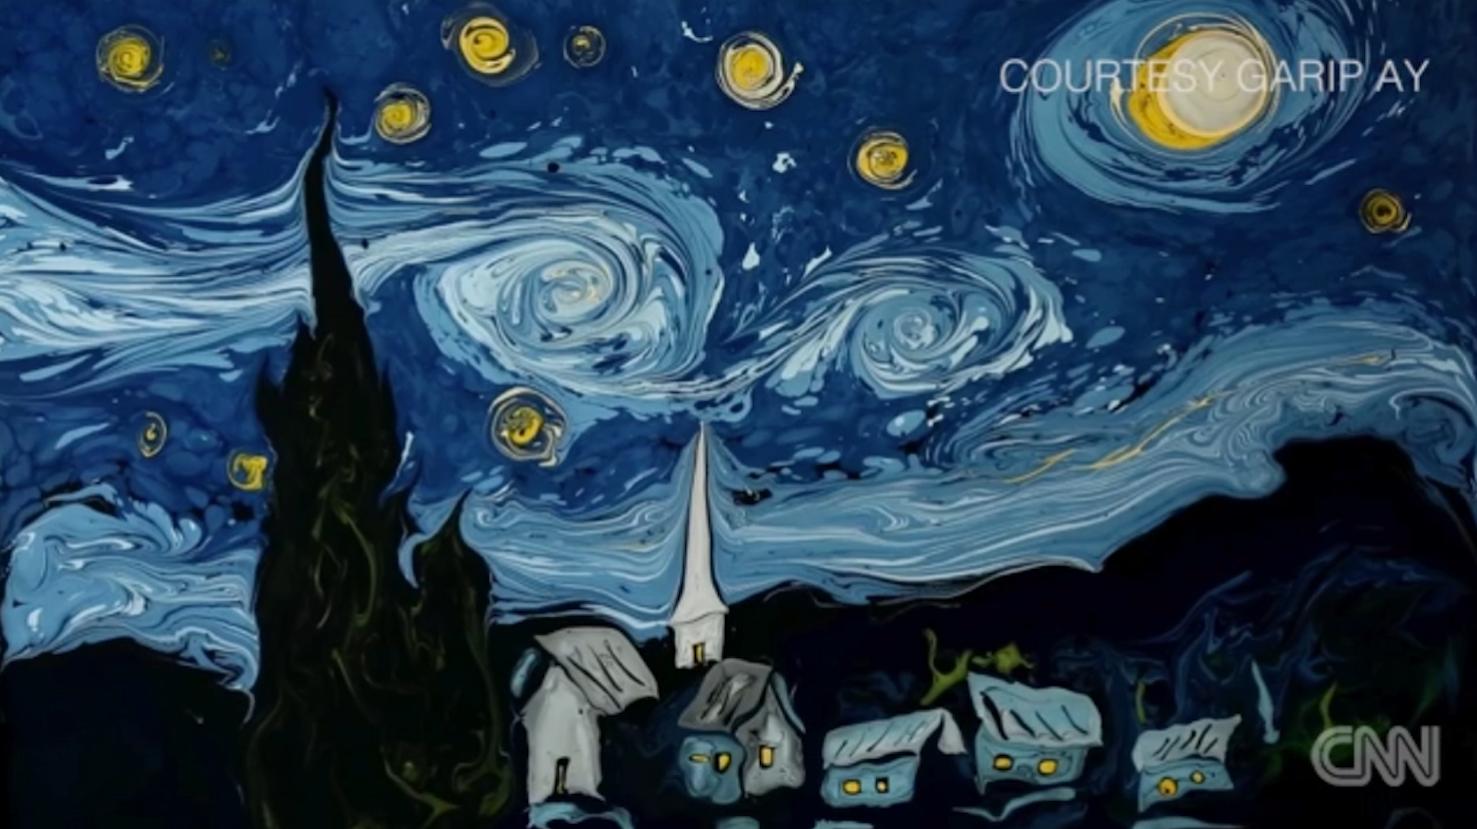 شاهد إحدى أشهر اللوحات الفنية ترسم على سطح المياه